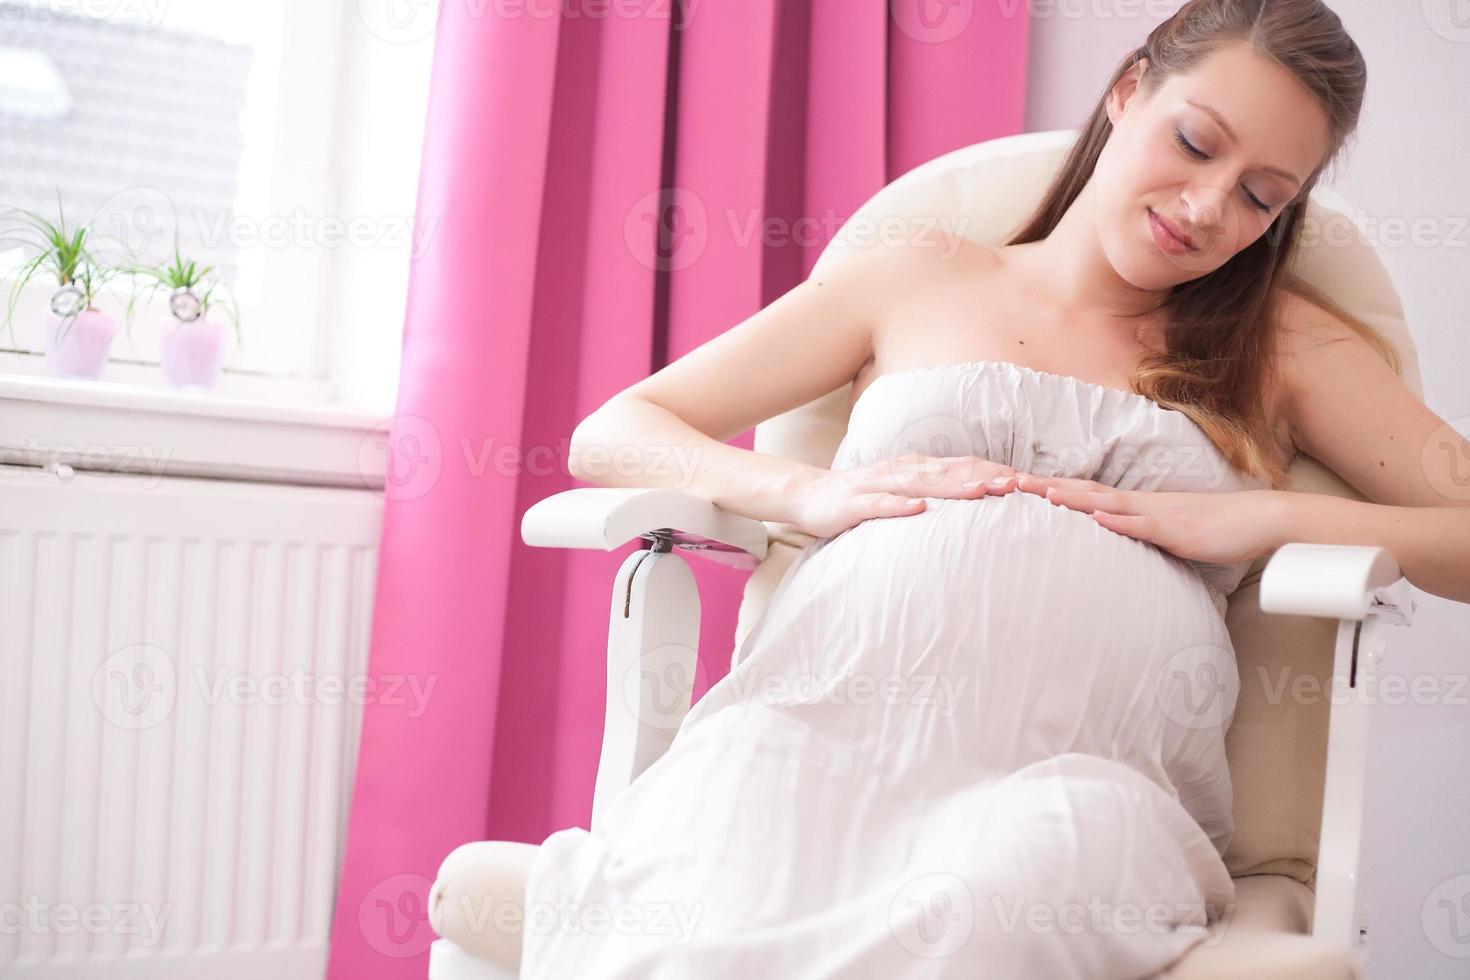 schwangere Frau auf einem Stuhl foto